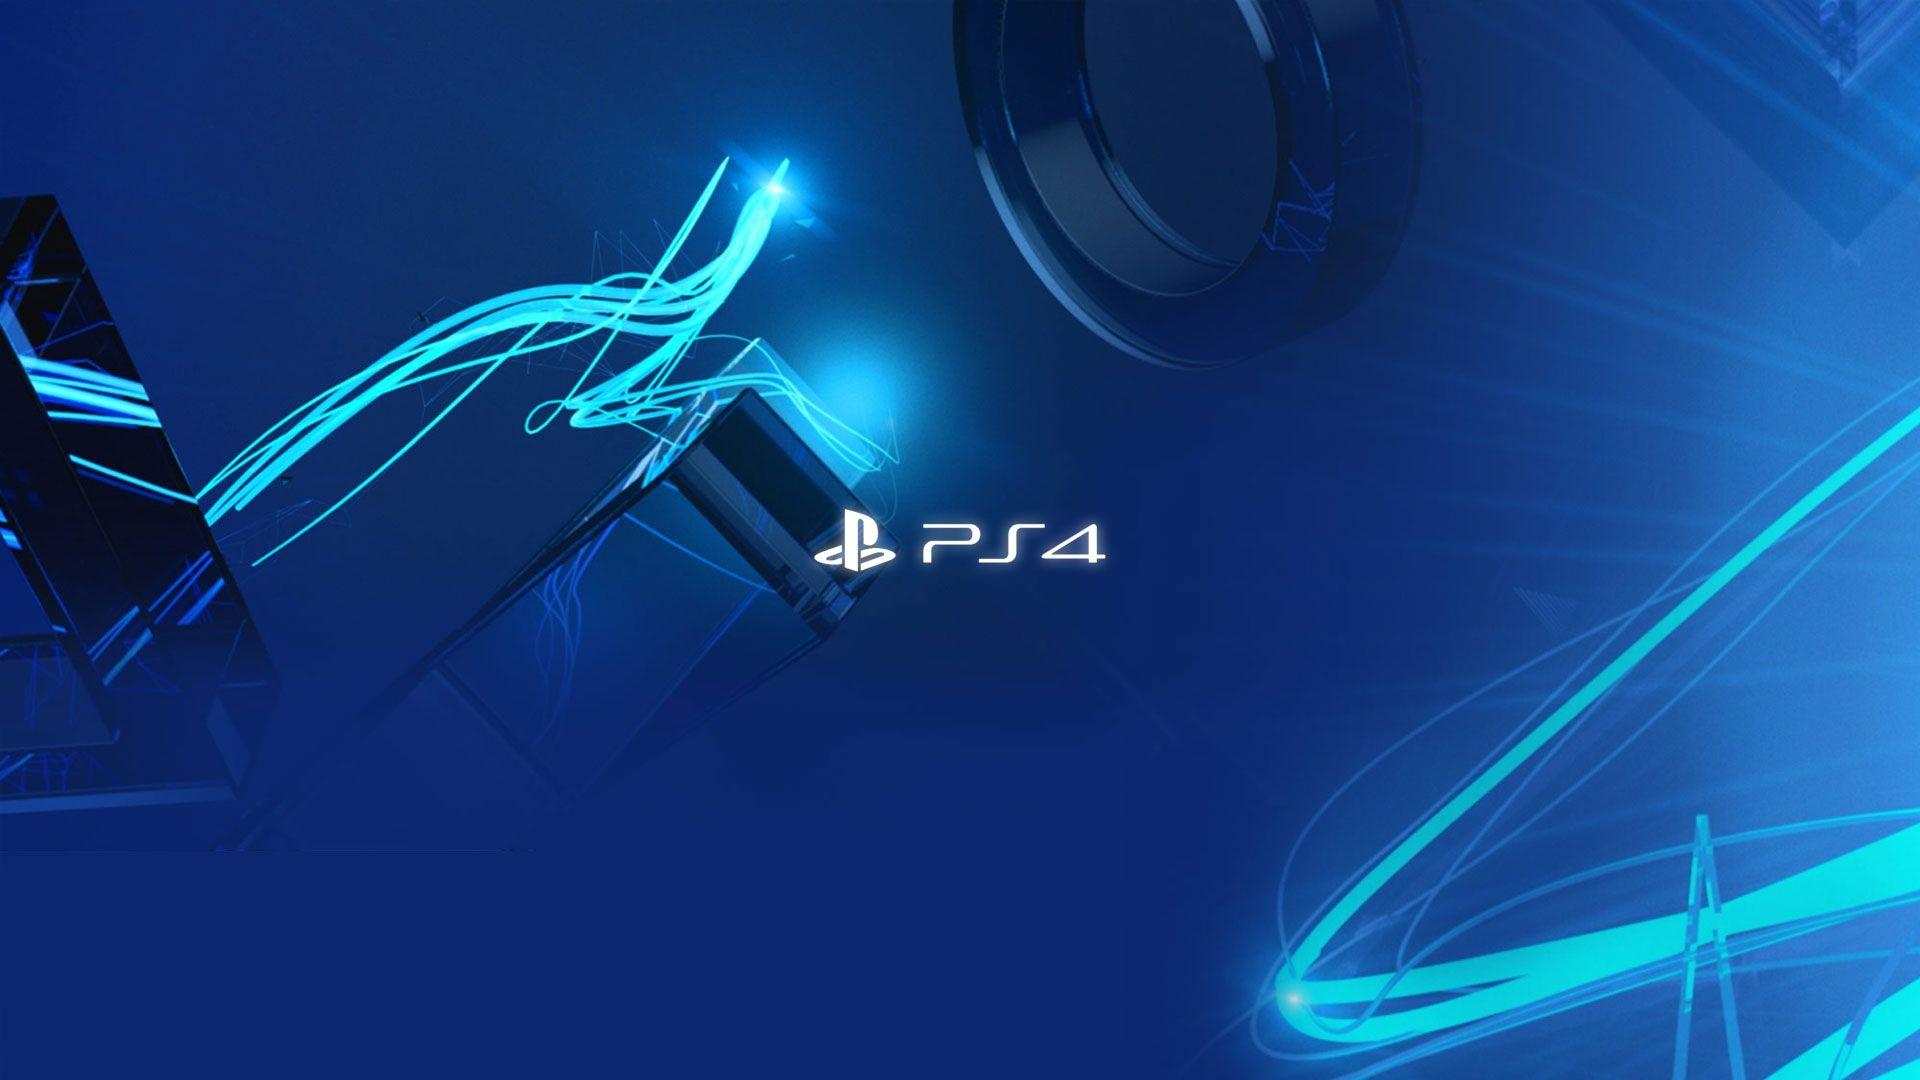 Playstation 4 1080p Wallpaper Playstation Ps4 Playstation 4